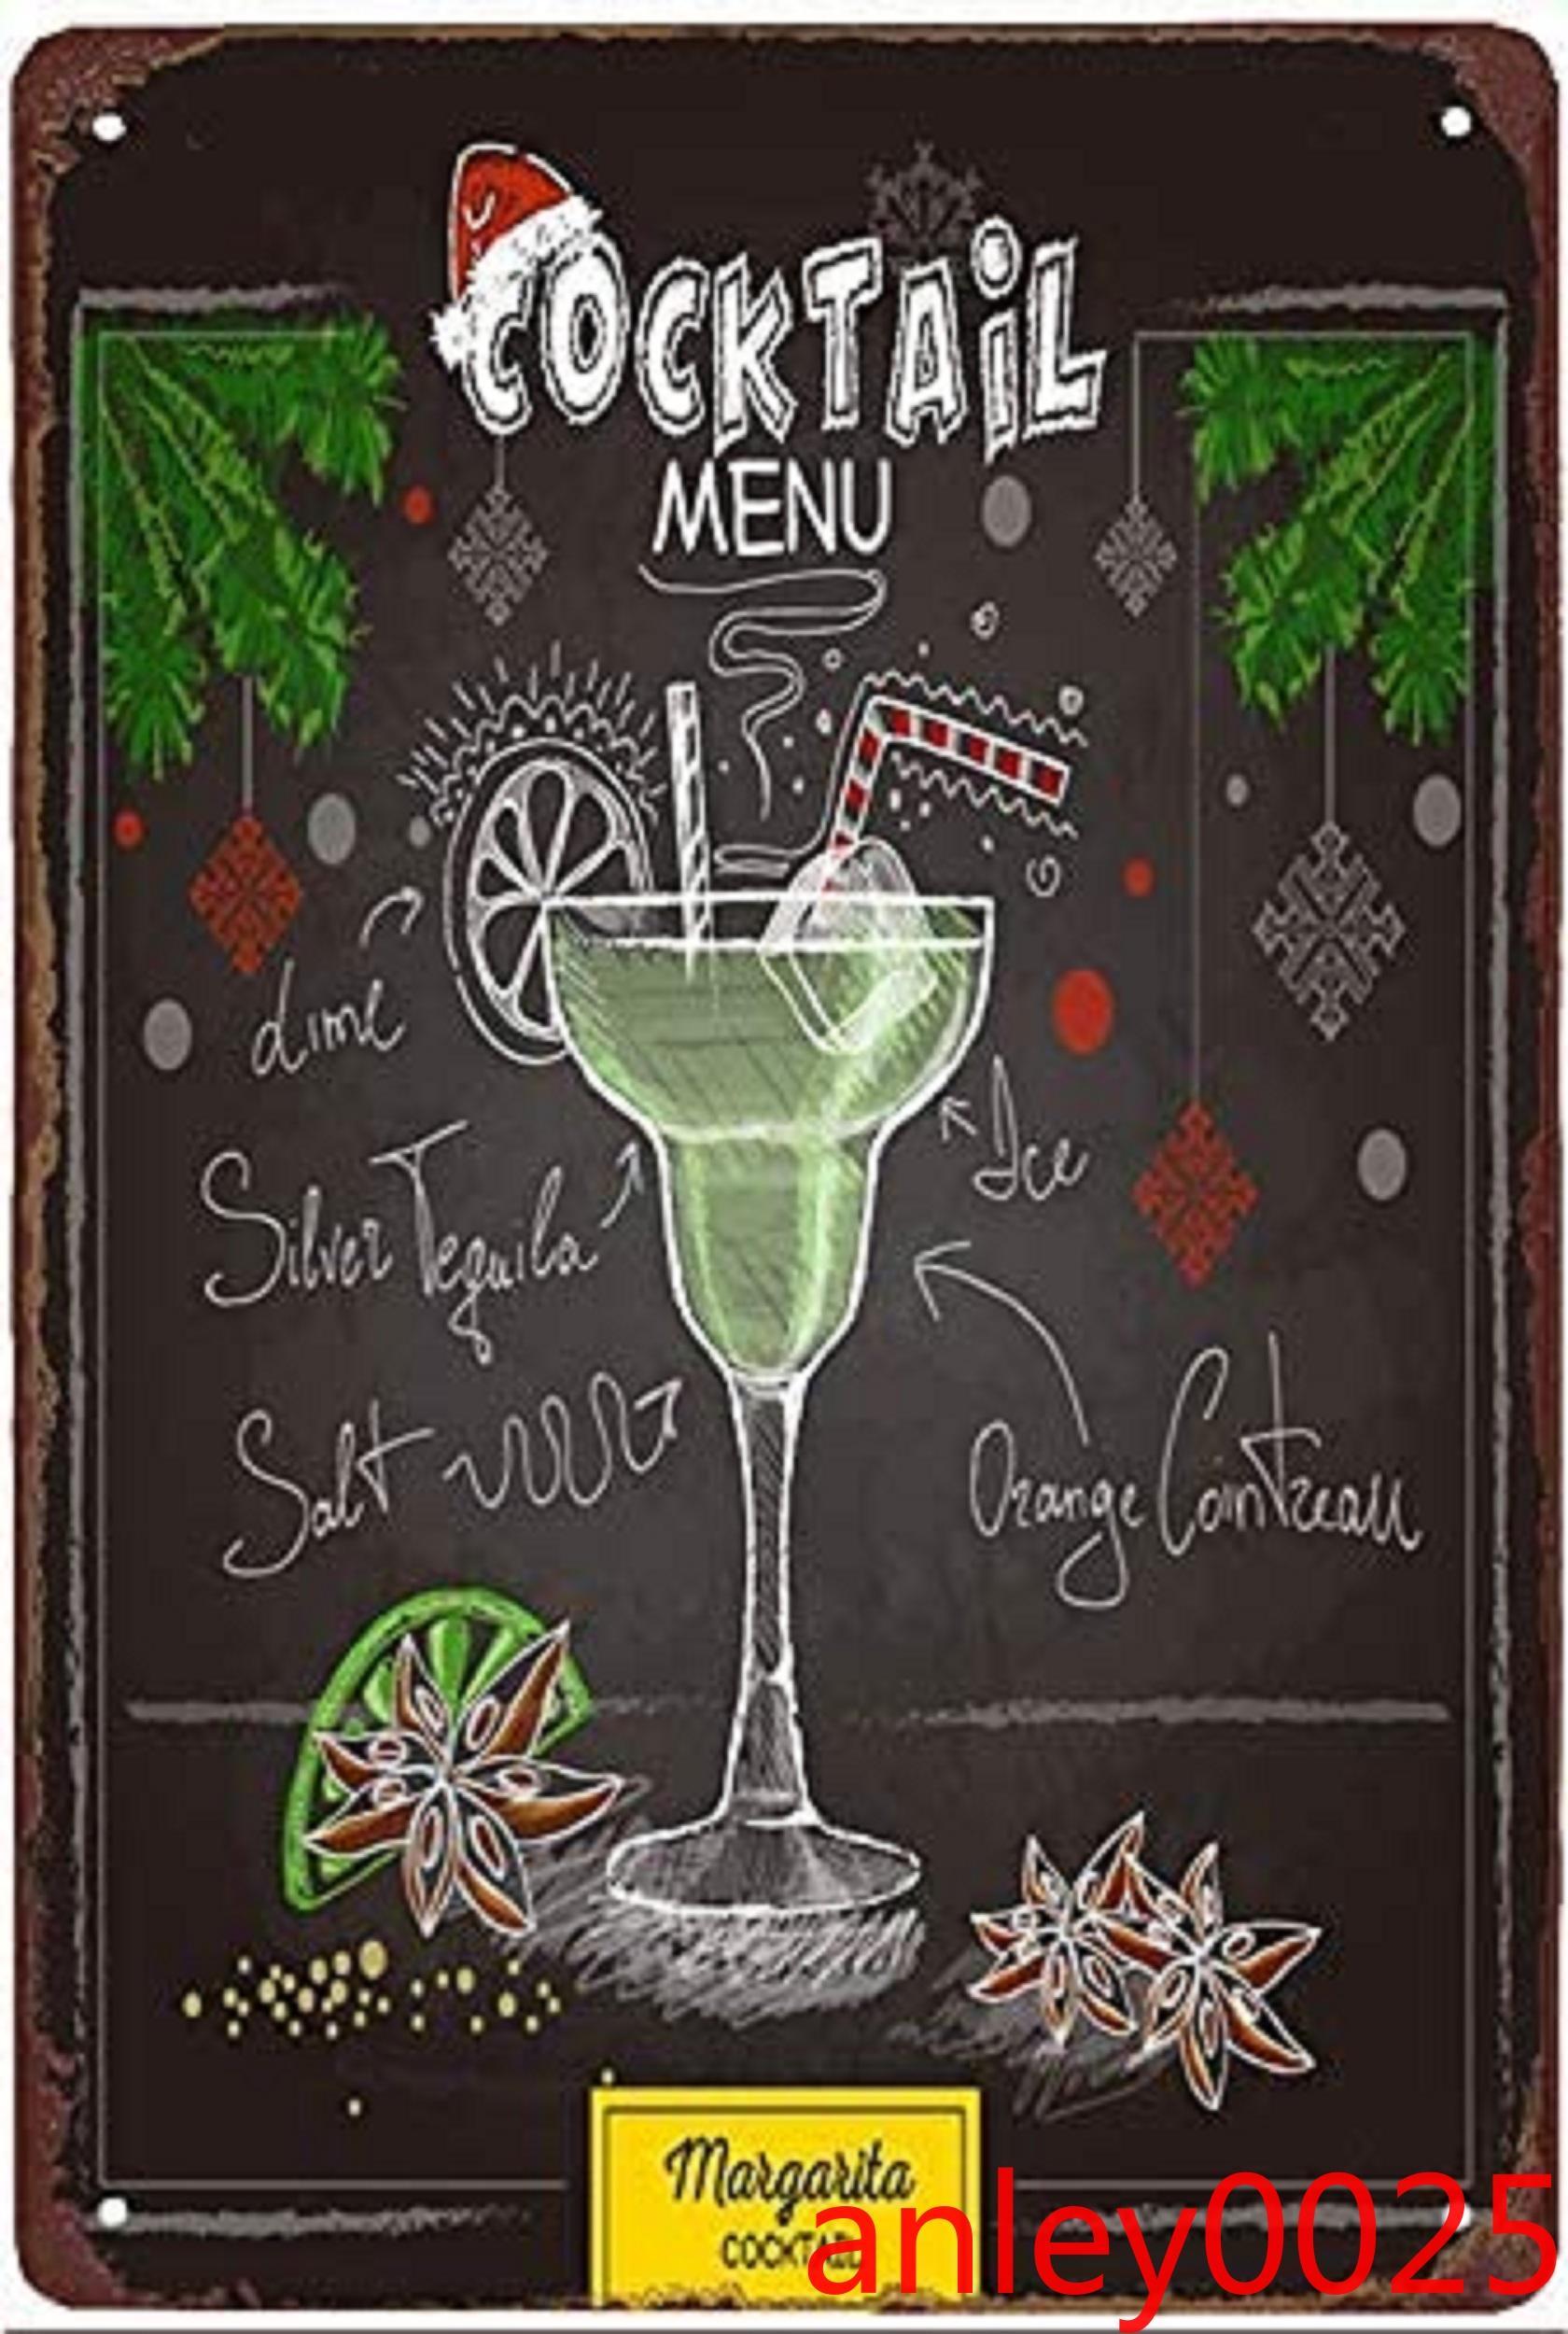 Bar Segni di latta, Blu Hawaii Cocktail Metal Segno Vintage Pub Decorazione da parete per Bar Pub Club Man Cave Retro Metallo Poster Pittura in ferro